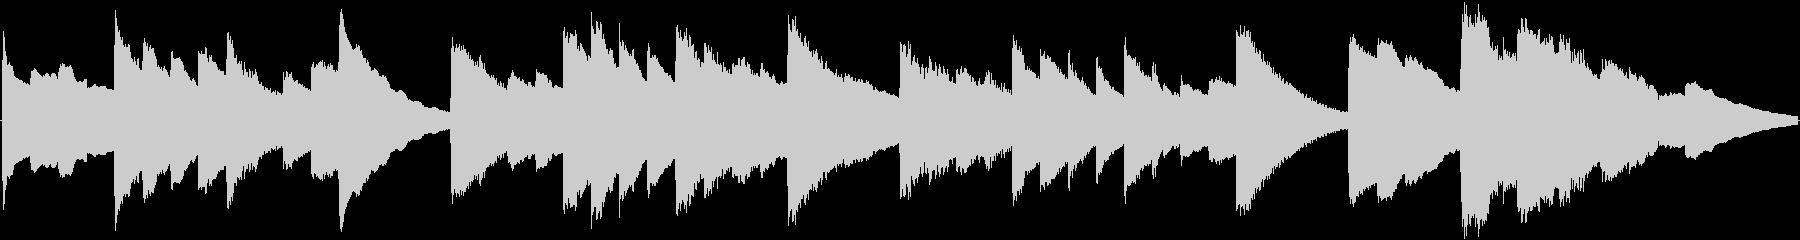 簡易説明 オルゴールの曲で、着信音やC…の未再生の波形